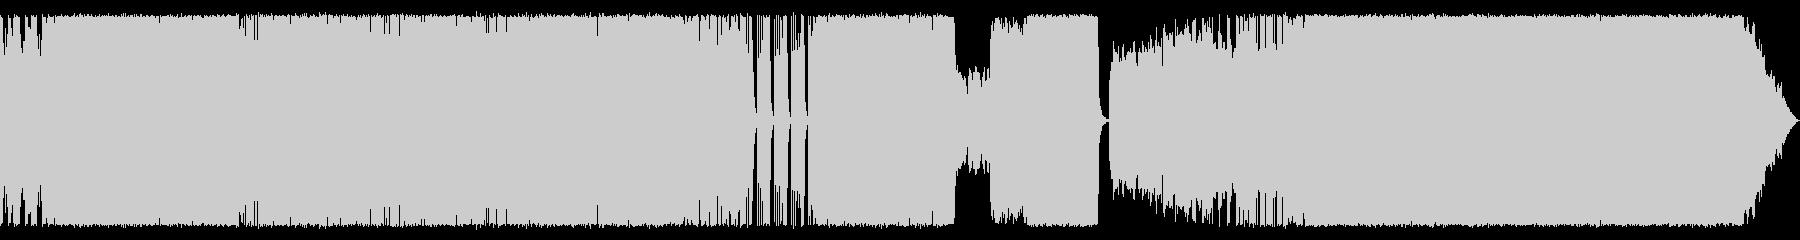 ドラマティックな展開のメタルBGMの未再生の波形